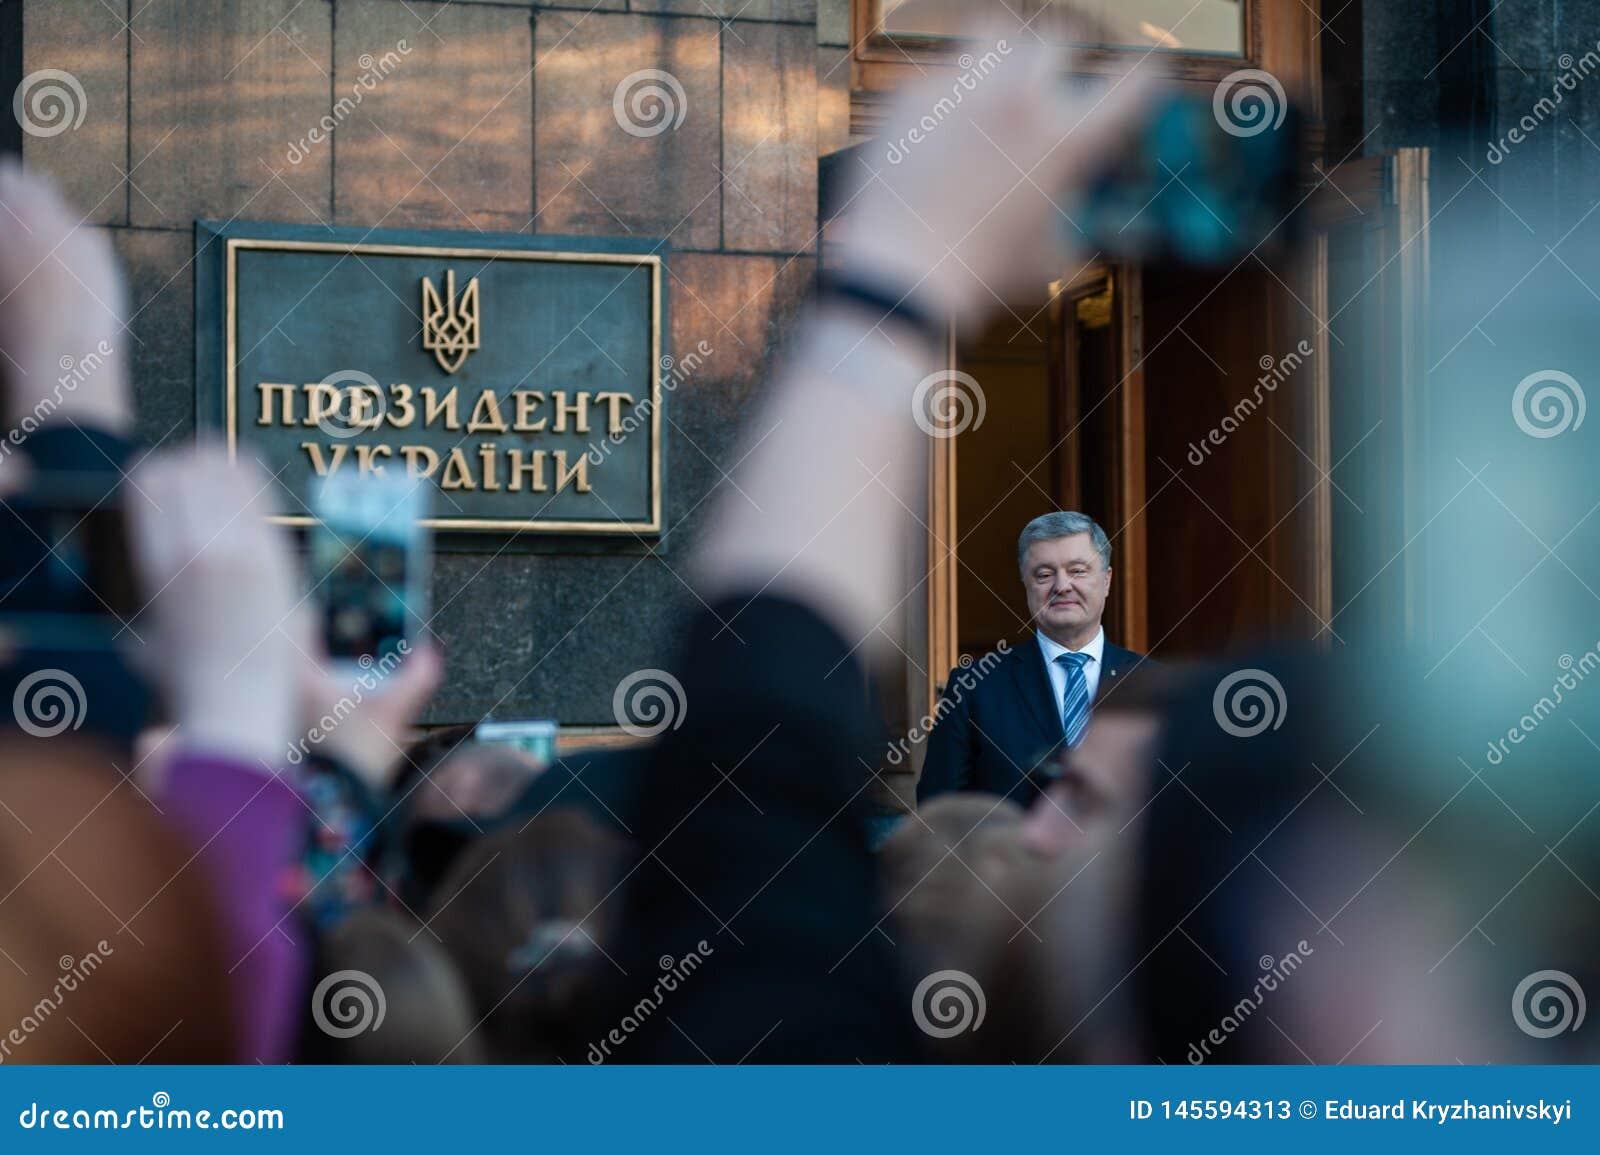 Poroshenko dankte Ukrainern, die kamen, ihm zu danken und ihn zu stützen